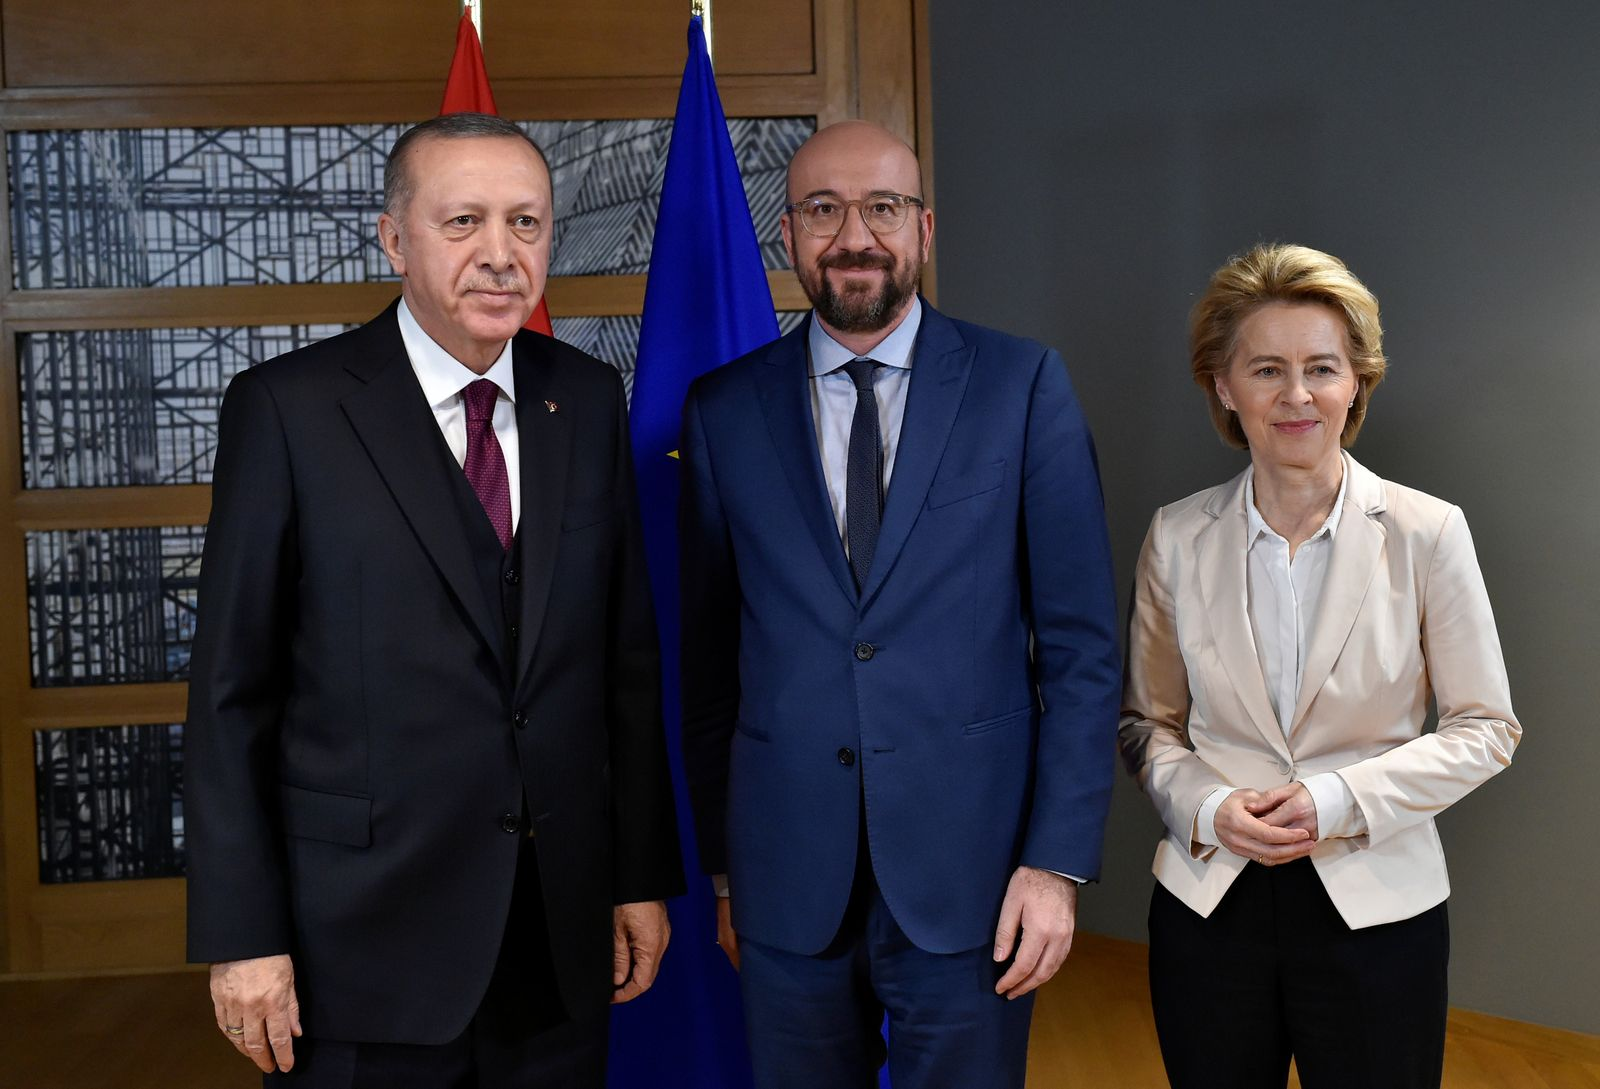 Turkish President Tayyip Erdogan in Brussels